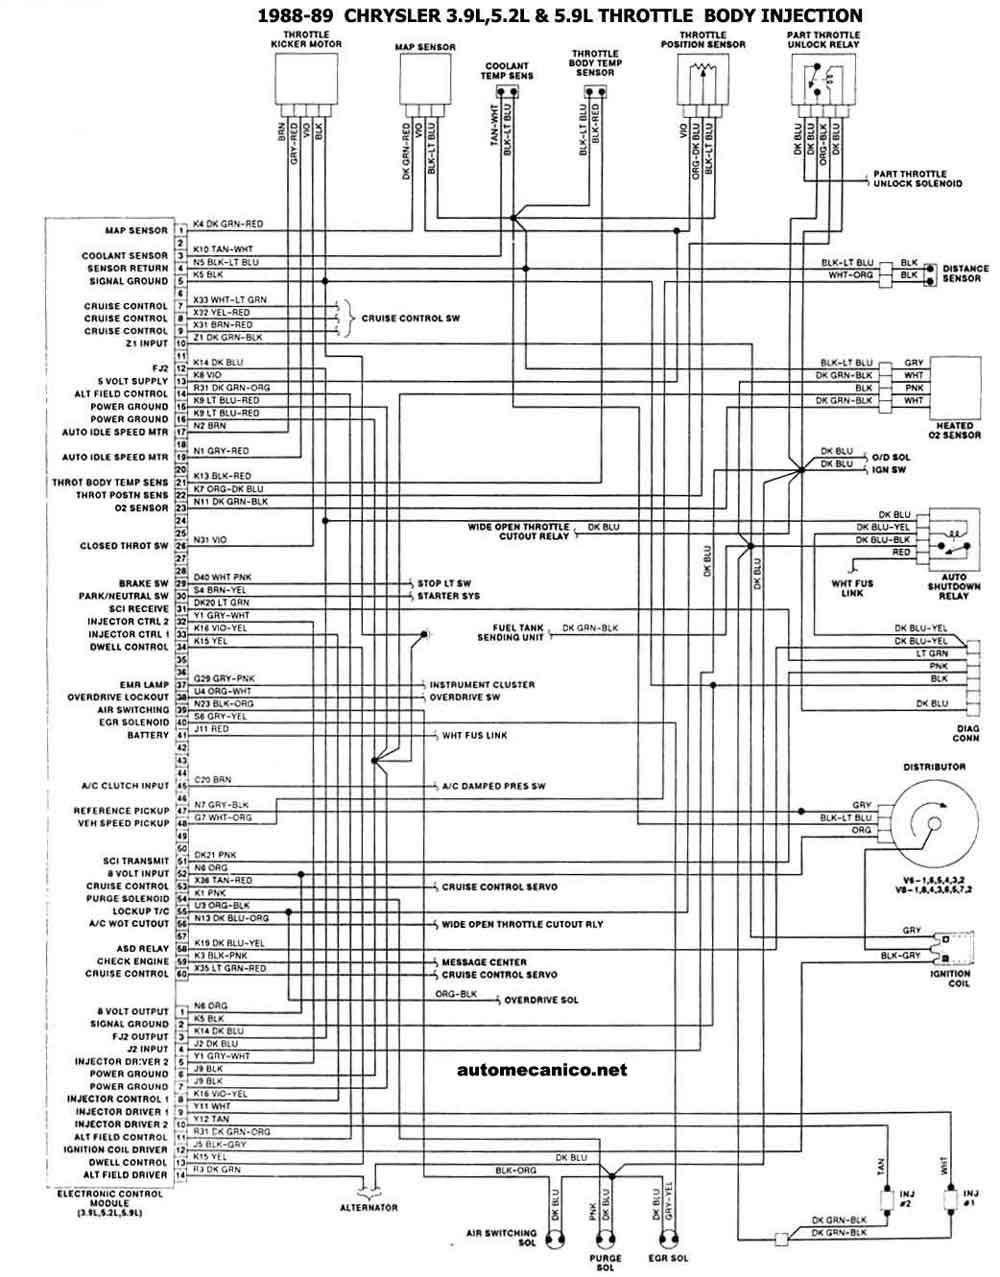 Diagrama de encendido electronico de chrysler